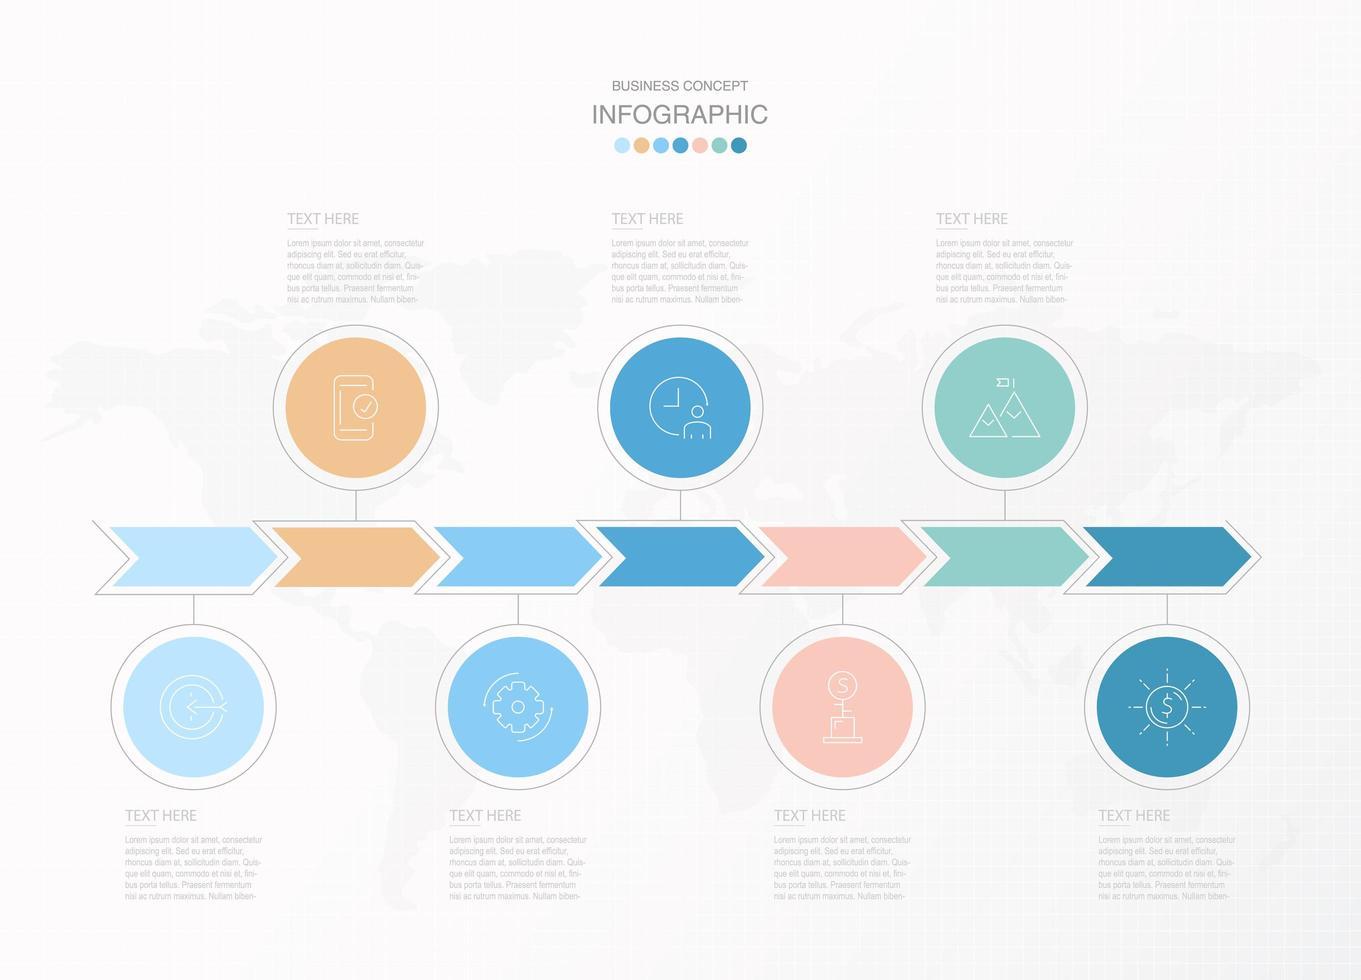 freccia pastello e cerchio 7 passaggio infografica vettore